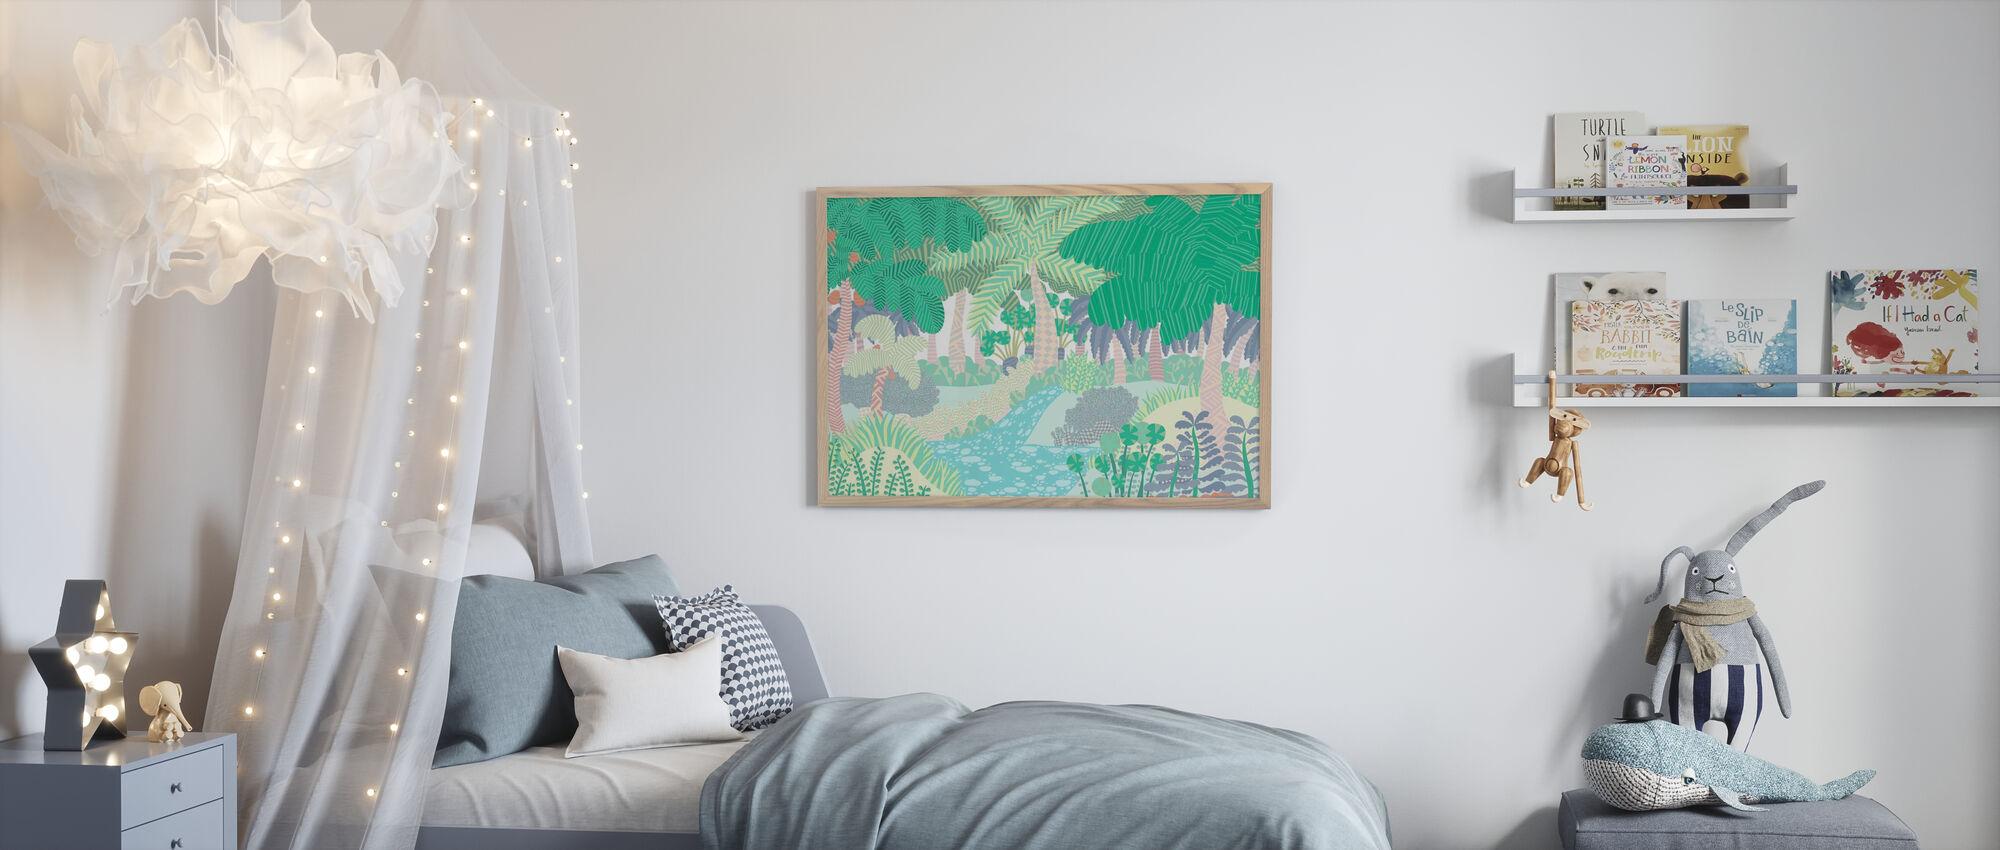 Dschungel - Poster - Kinderzimmer